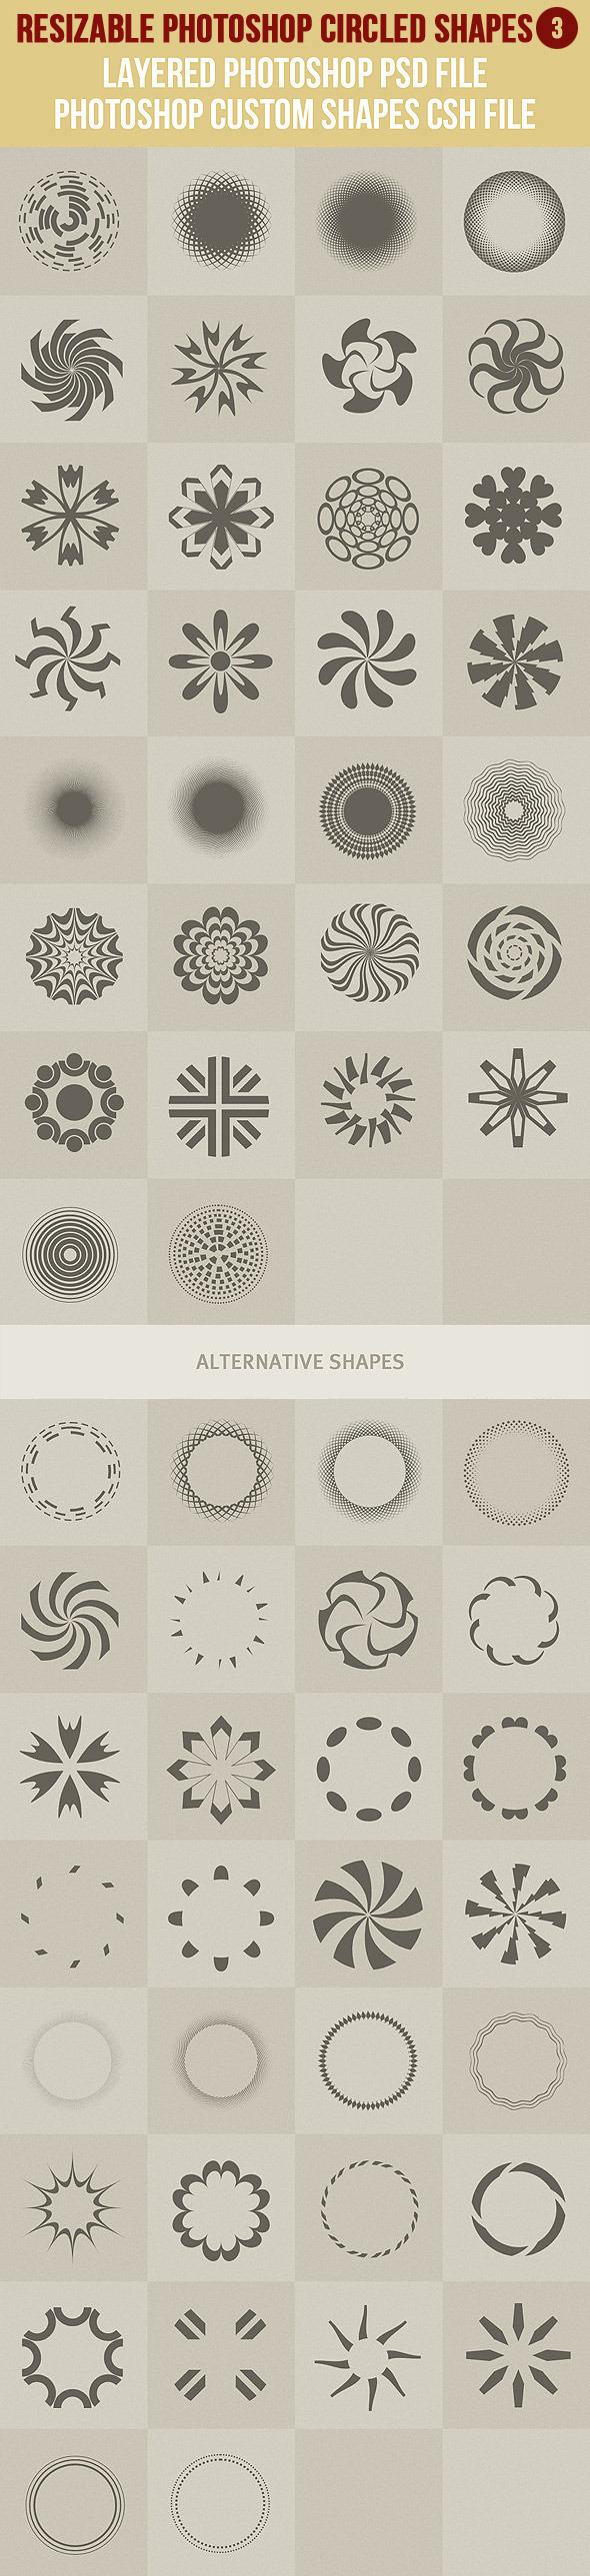 Photoshop Circled Shapes 3 - Symbols Shapes